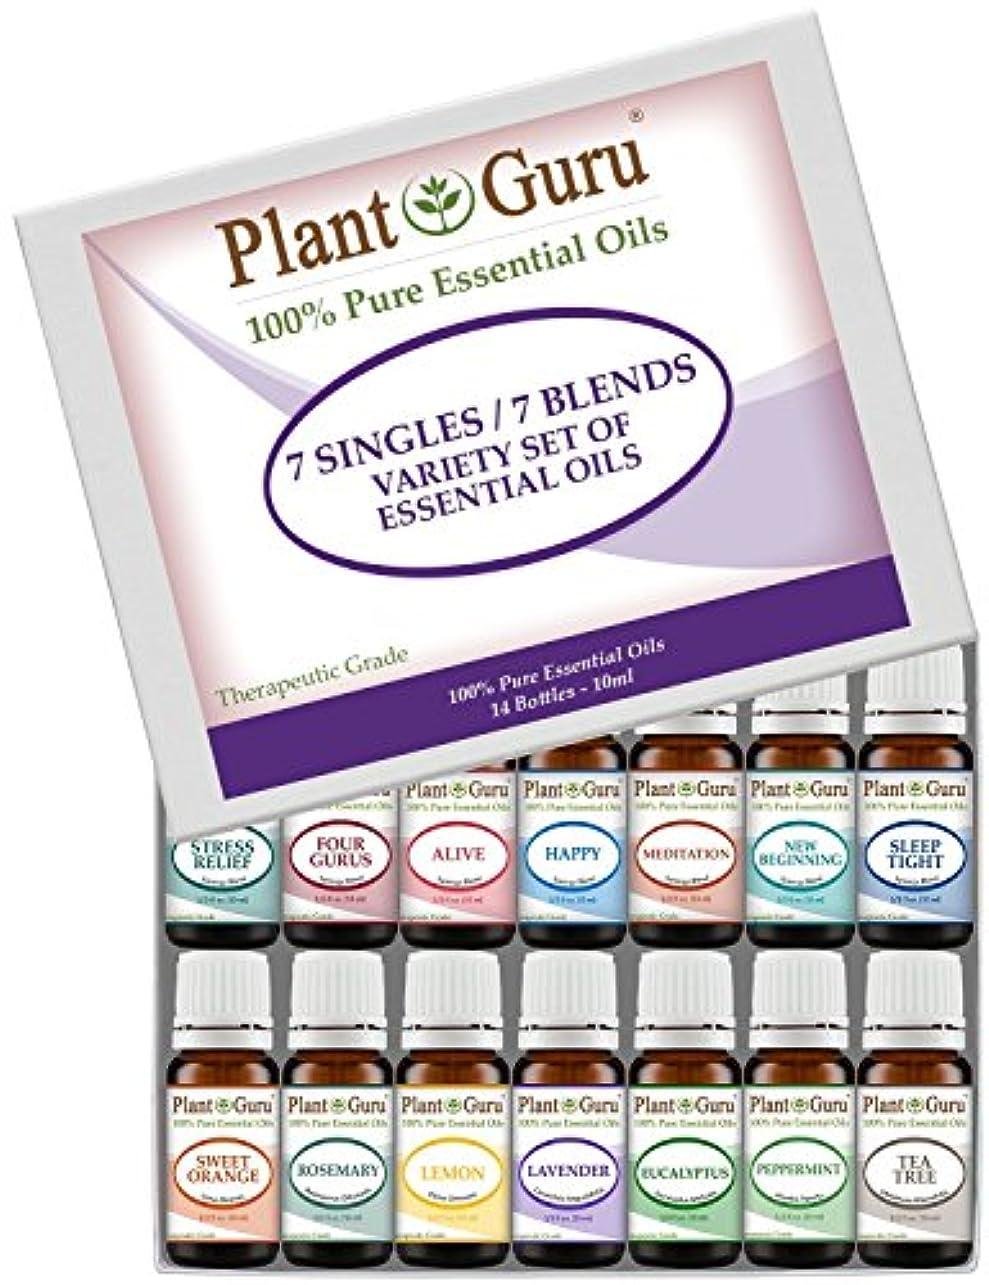 男やもめいくつかの収束Premium Essential Oil Variety Sampler Set 14 Pack - 7 Singles & 7 Blends - 100% Pure Therapeutic Grade 10 ml....